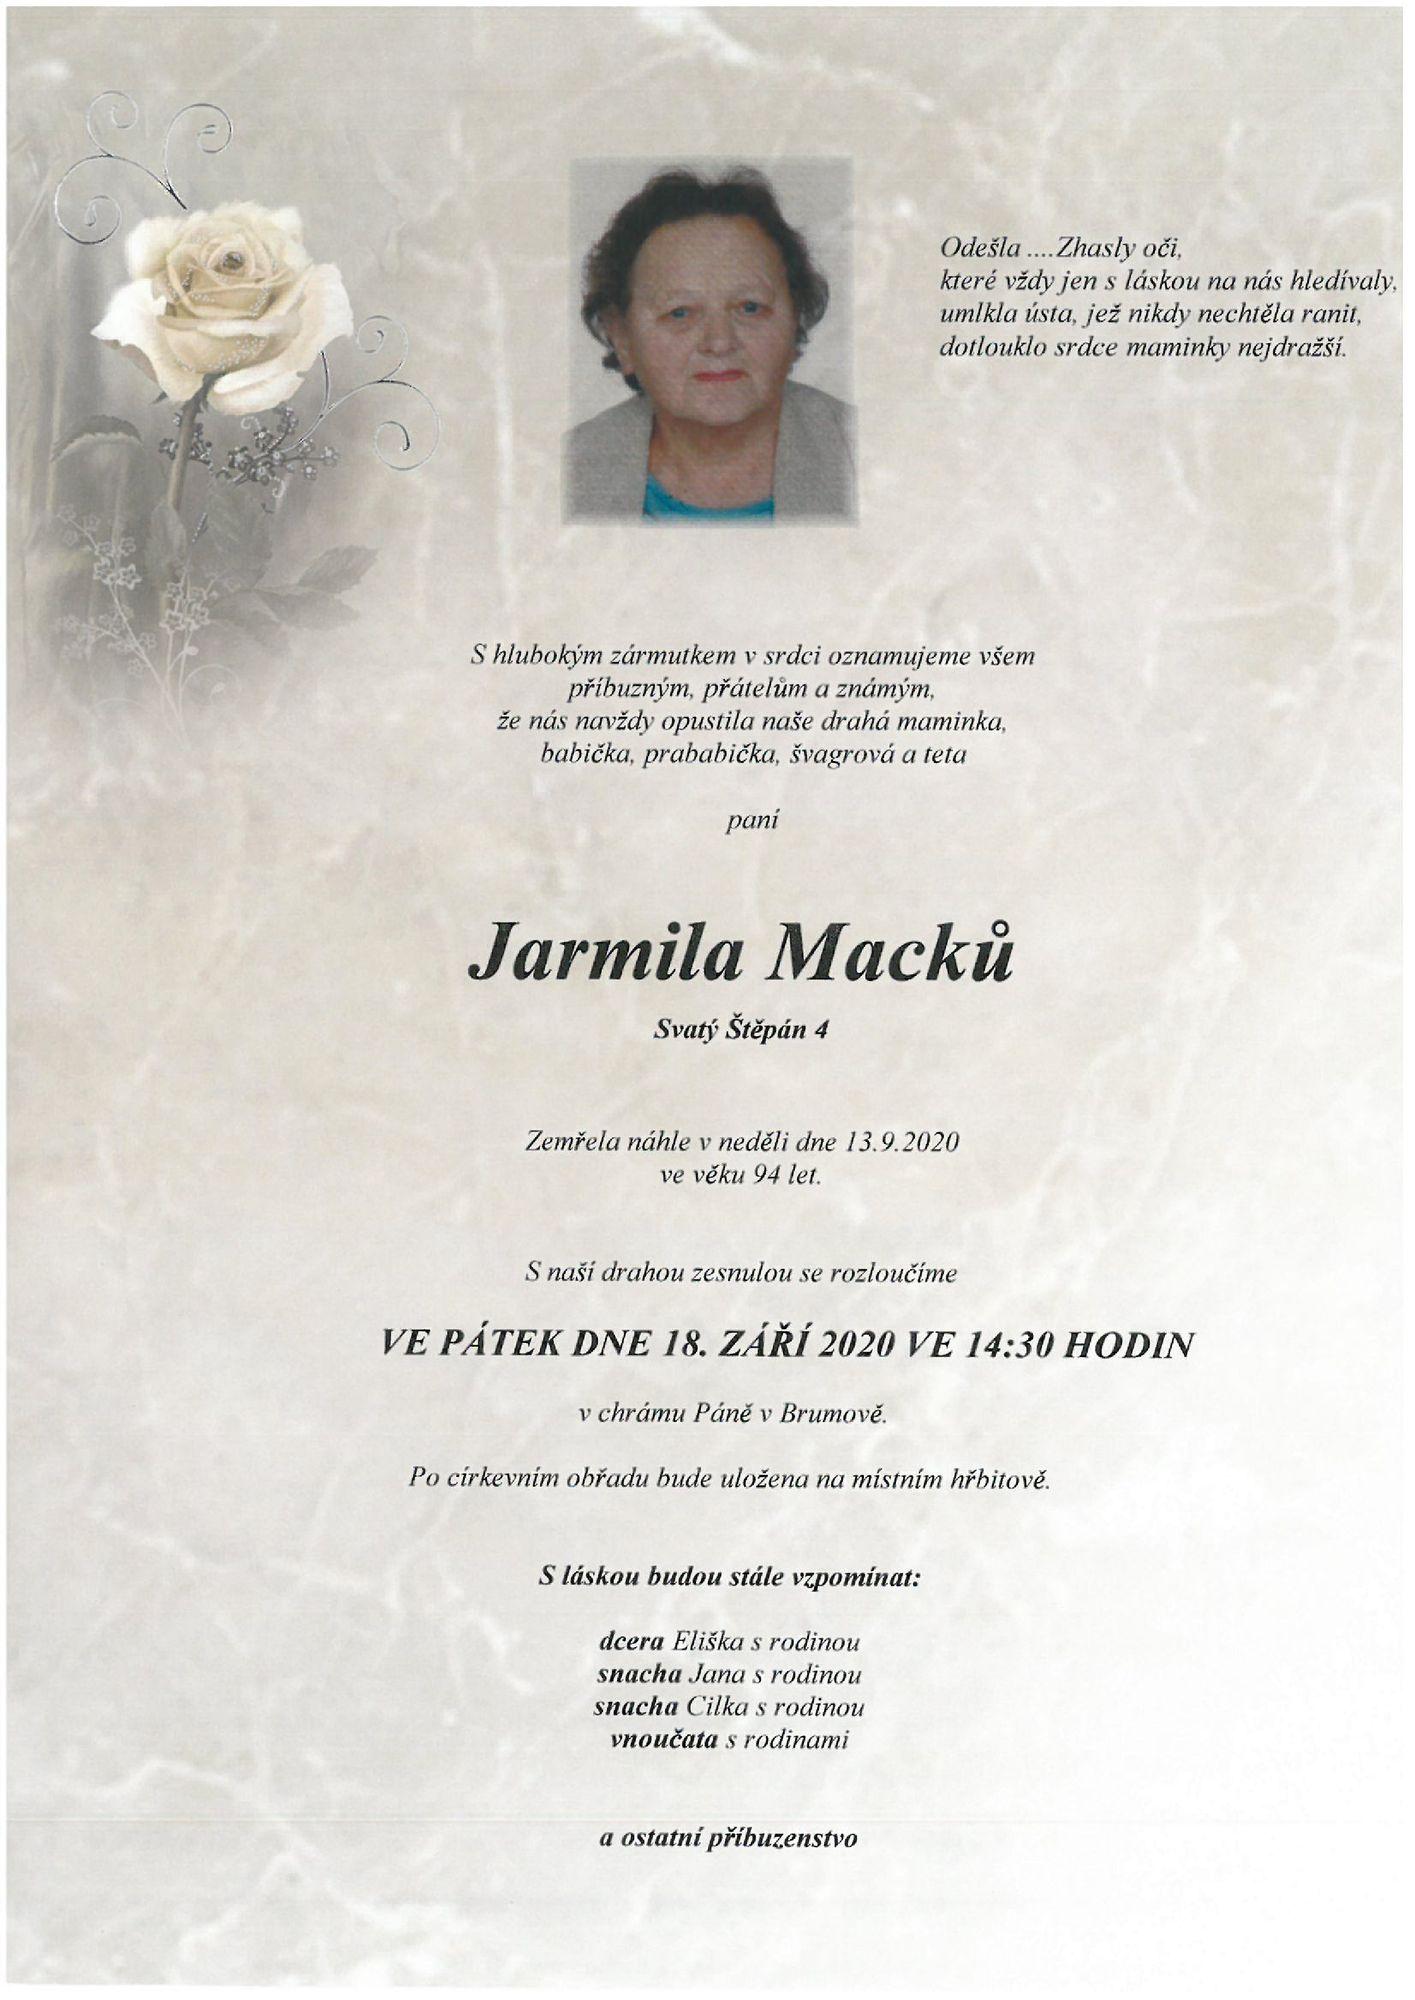 Jarmila Macků